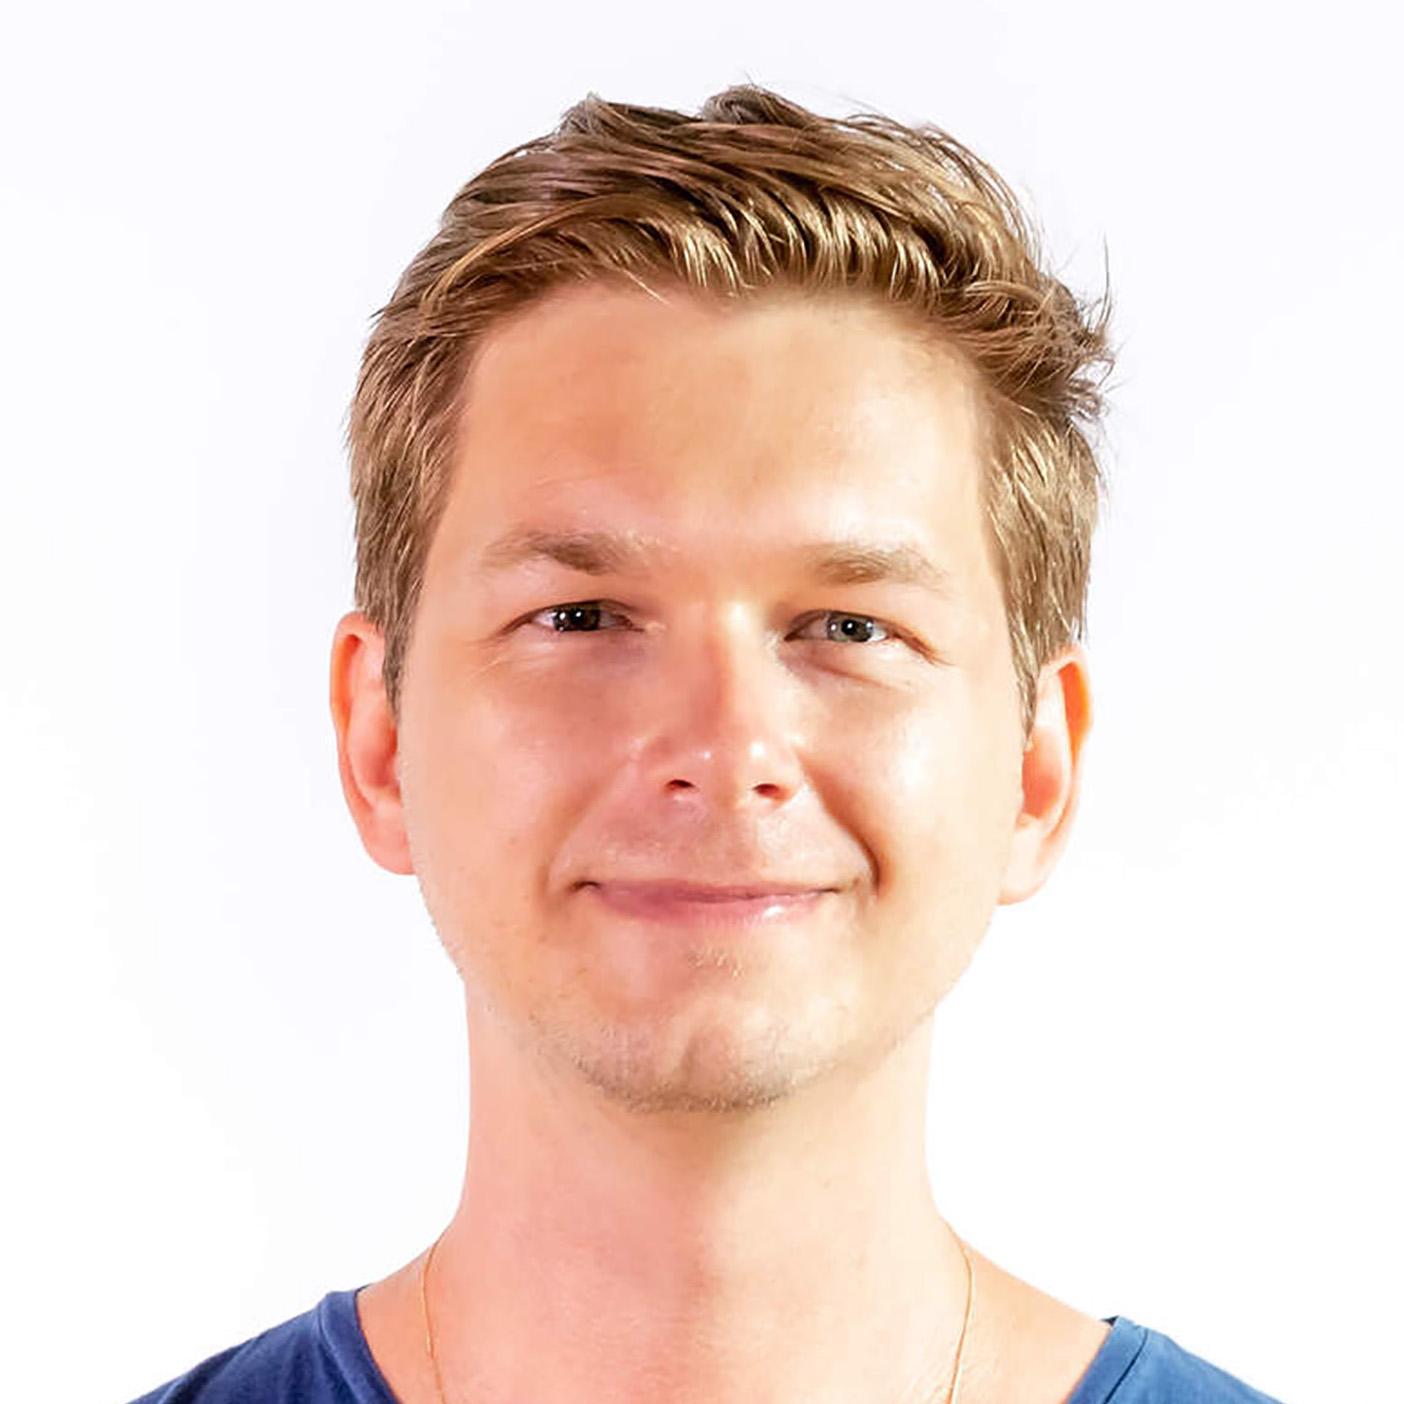 PETER KIELTYKA